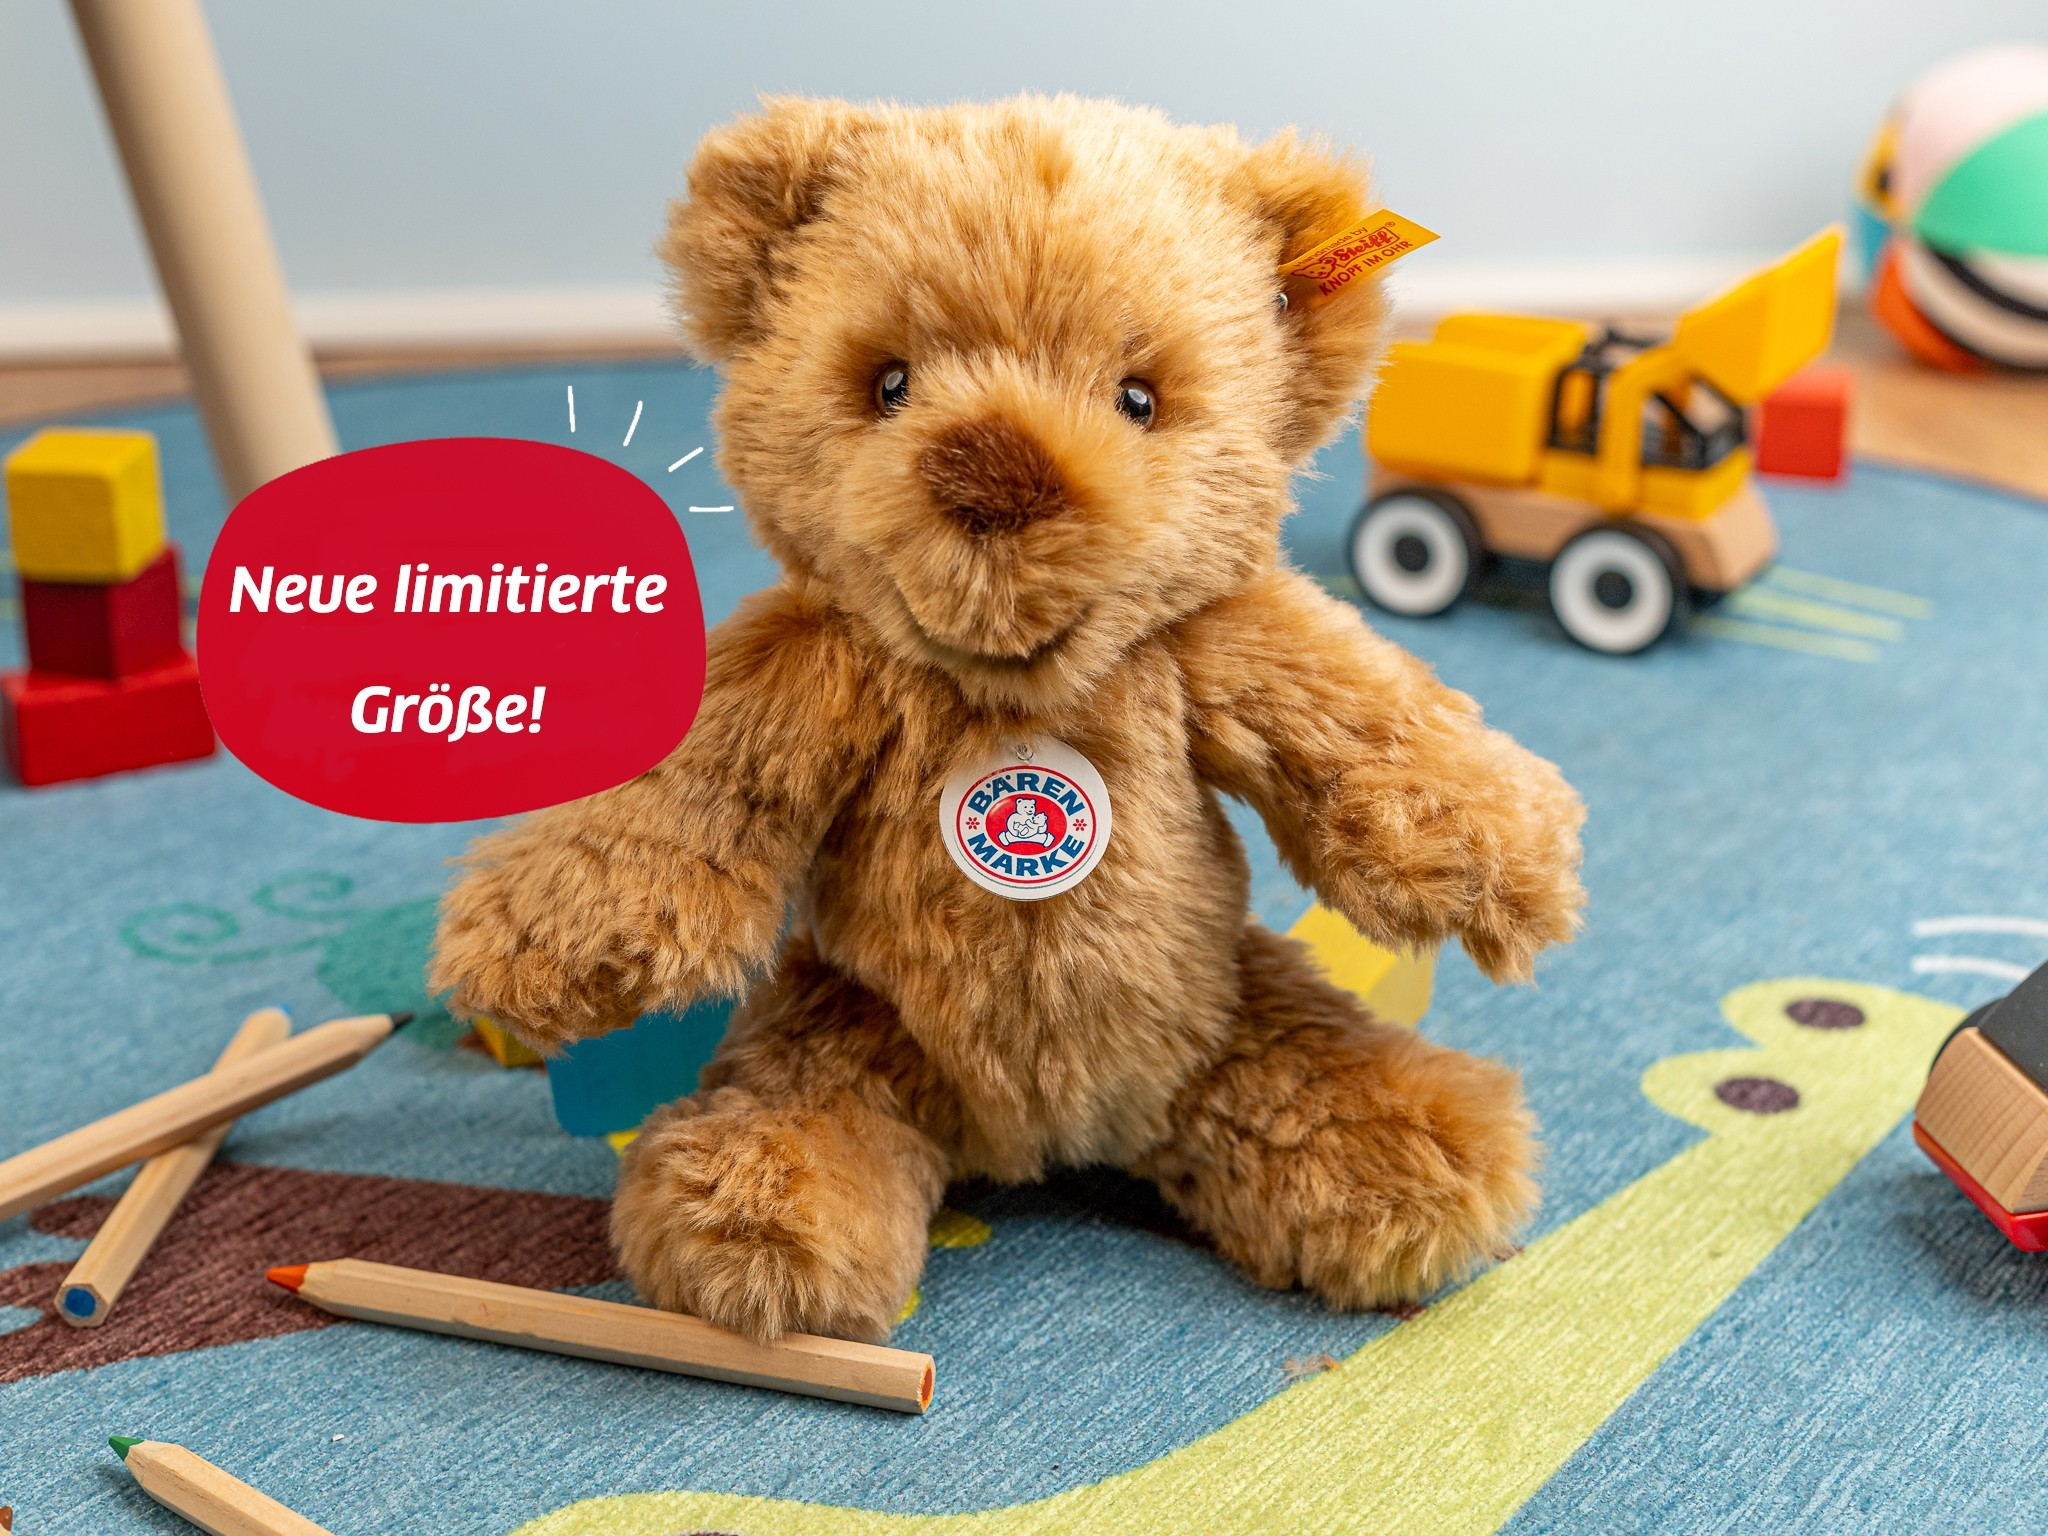 Bär 23 cm Steiff Der original Bärenmarke-Bär von Steiff